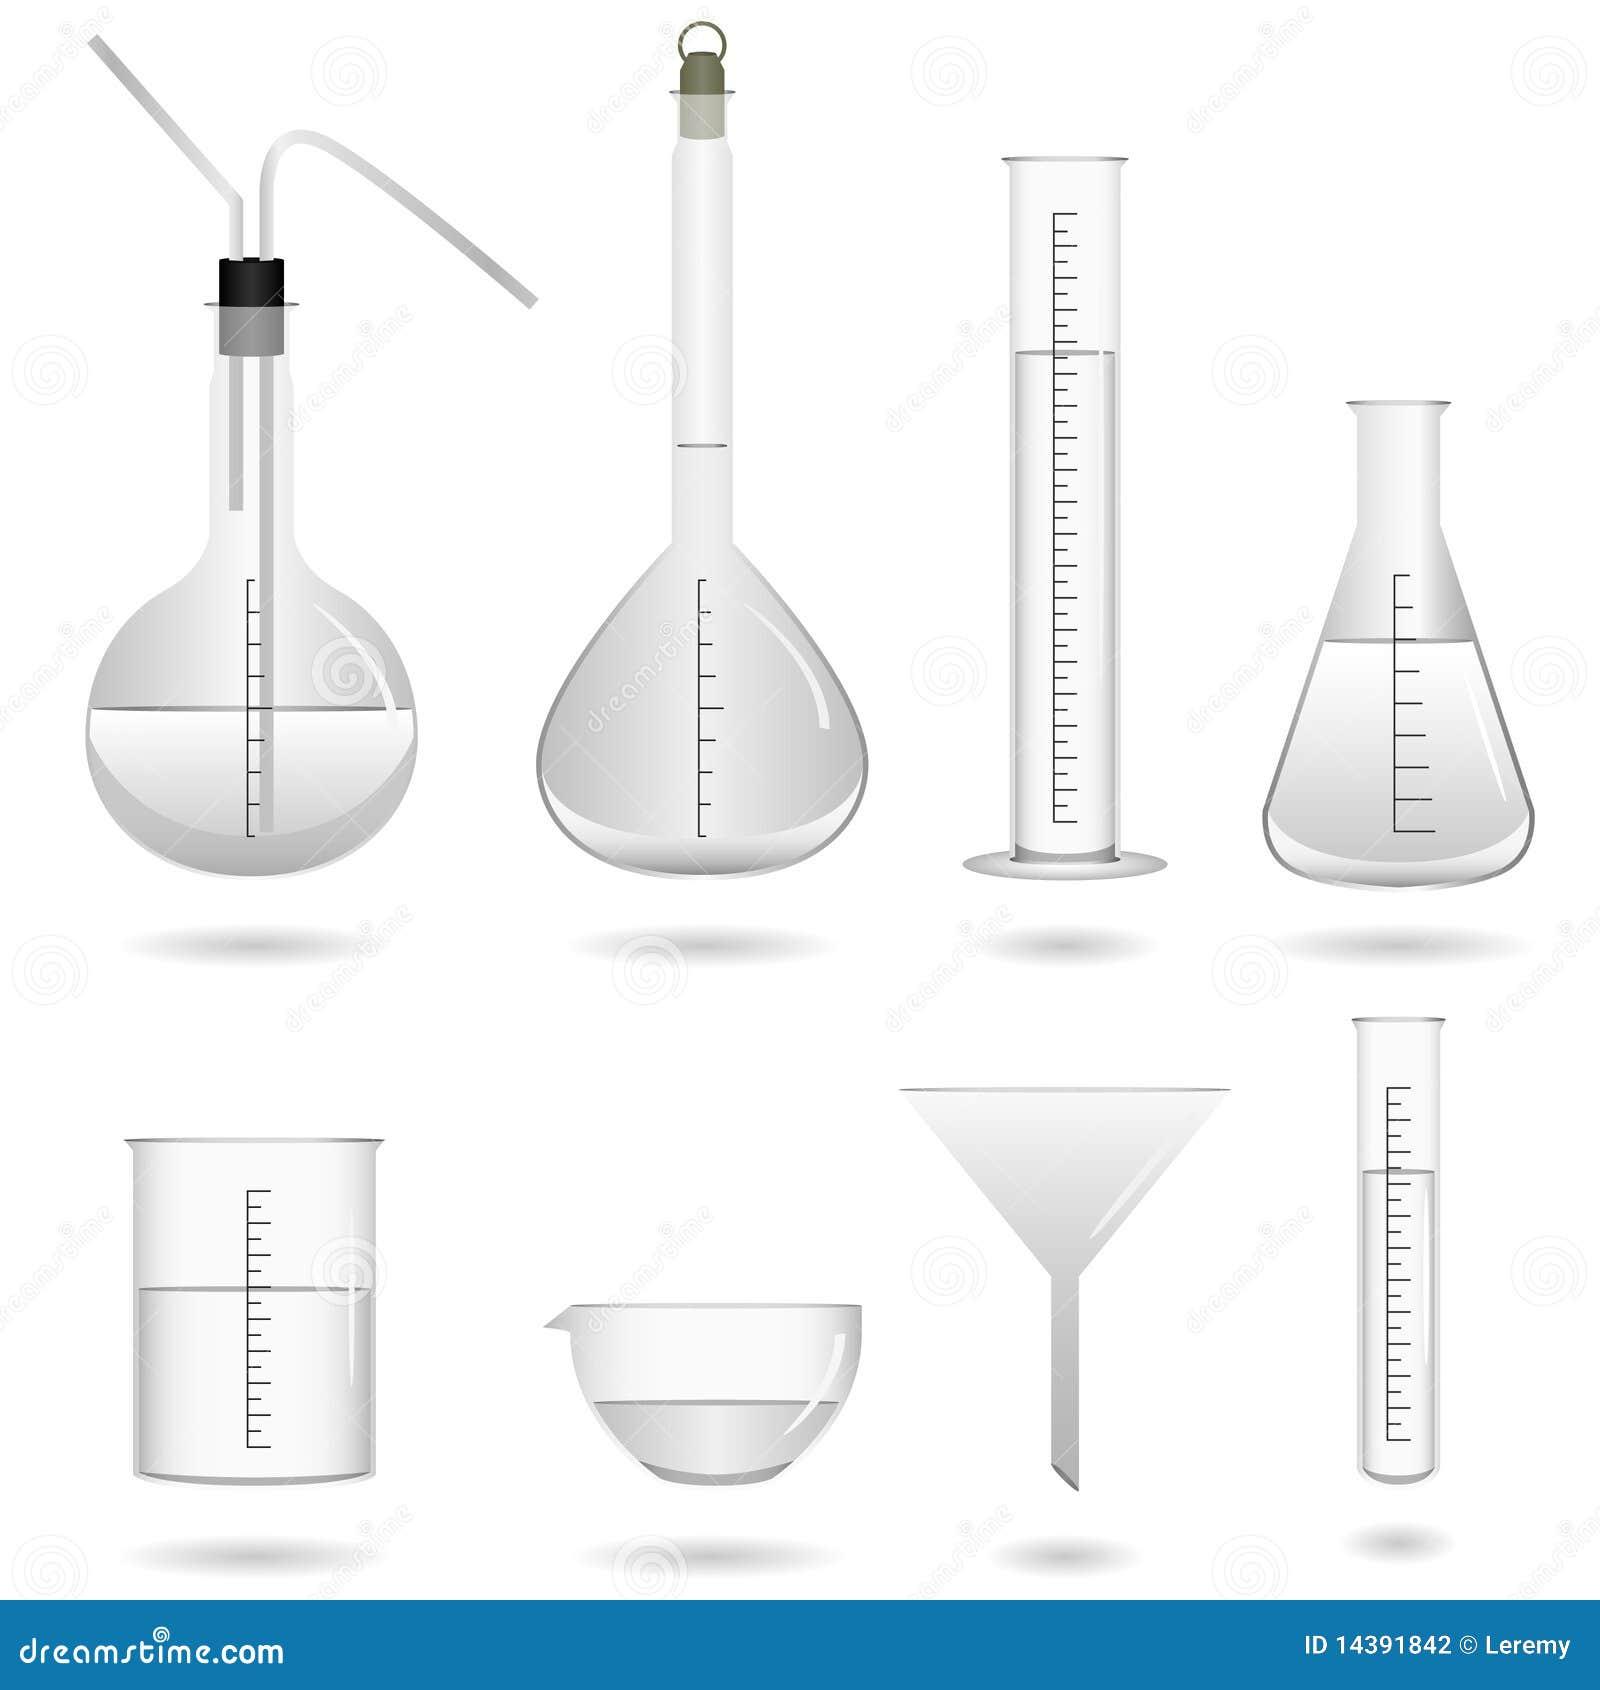 Fotografia Stock Strumentazione Di Laboratorio Chimica Di Scienza Image14391842 on Laboratory Equipment Worksheet